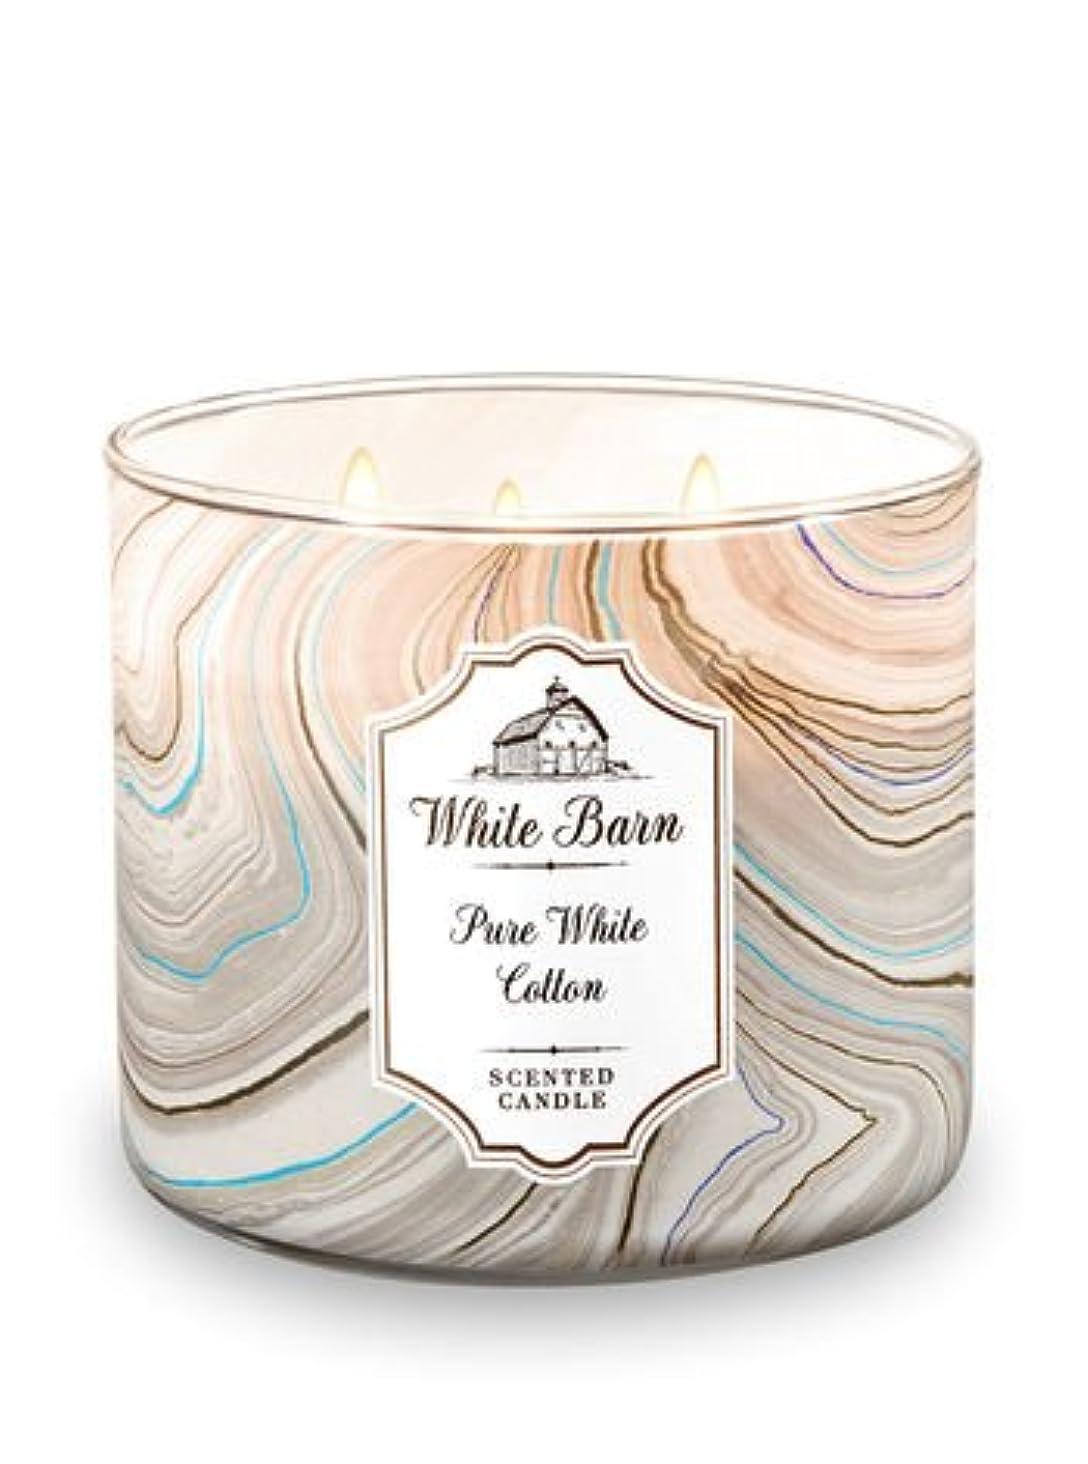 パッド枯渇触覚Bath and Body Worksホワイトバーン3 Wick Scented Candle Pureホワイトコットン14.5オンス